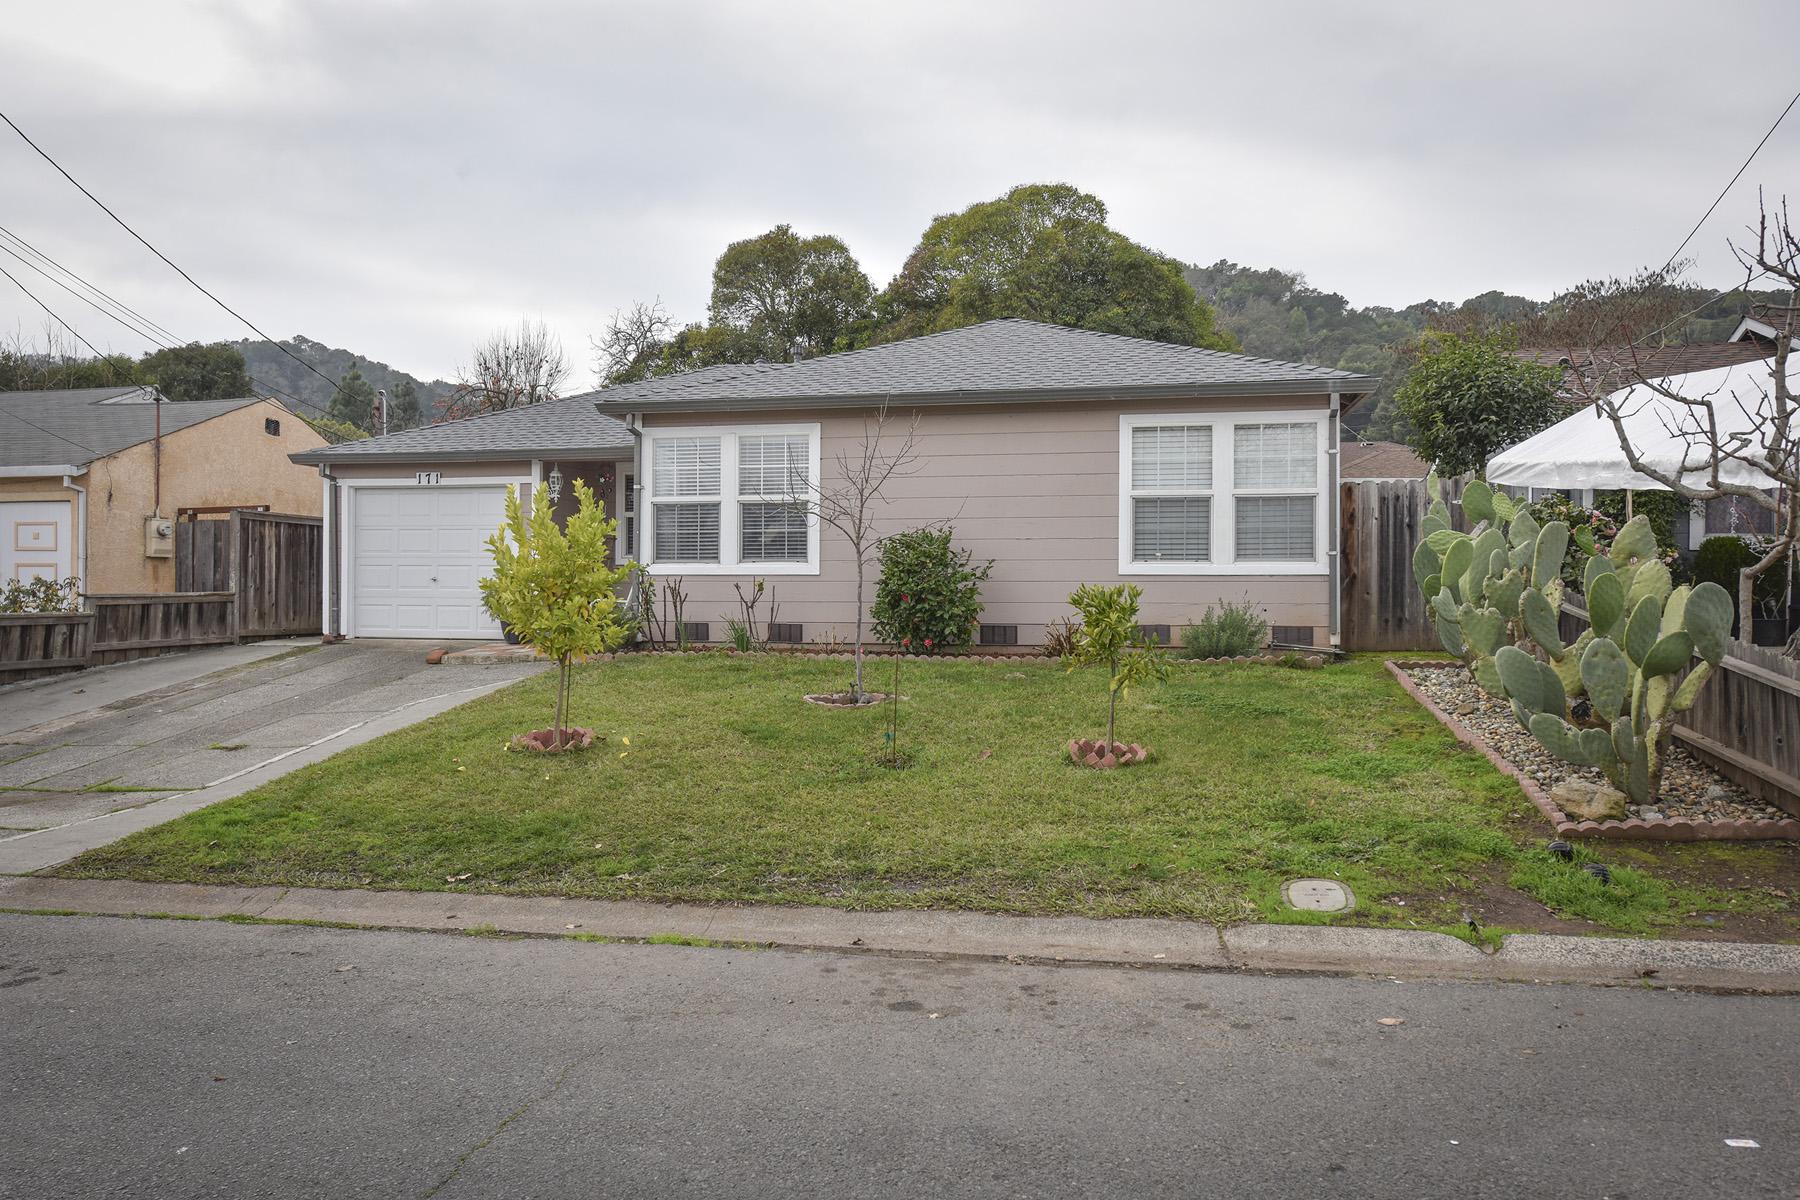 Частный односемейный дом для того Продажа на An Intriguing Three Bedroom Bungalow 171 Homewood Avenue Napa, Калифорния 94558 Соединенные Штаты